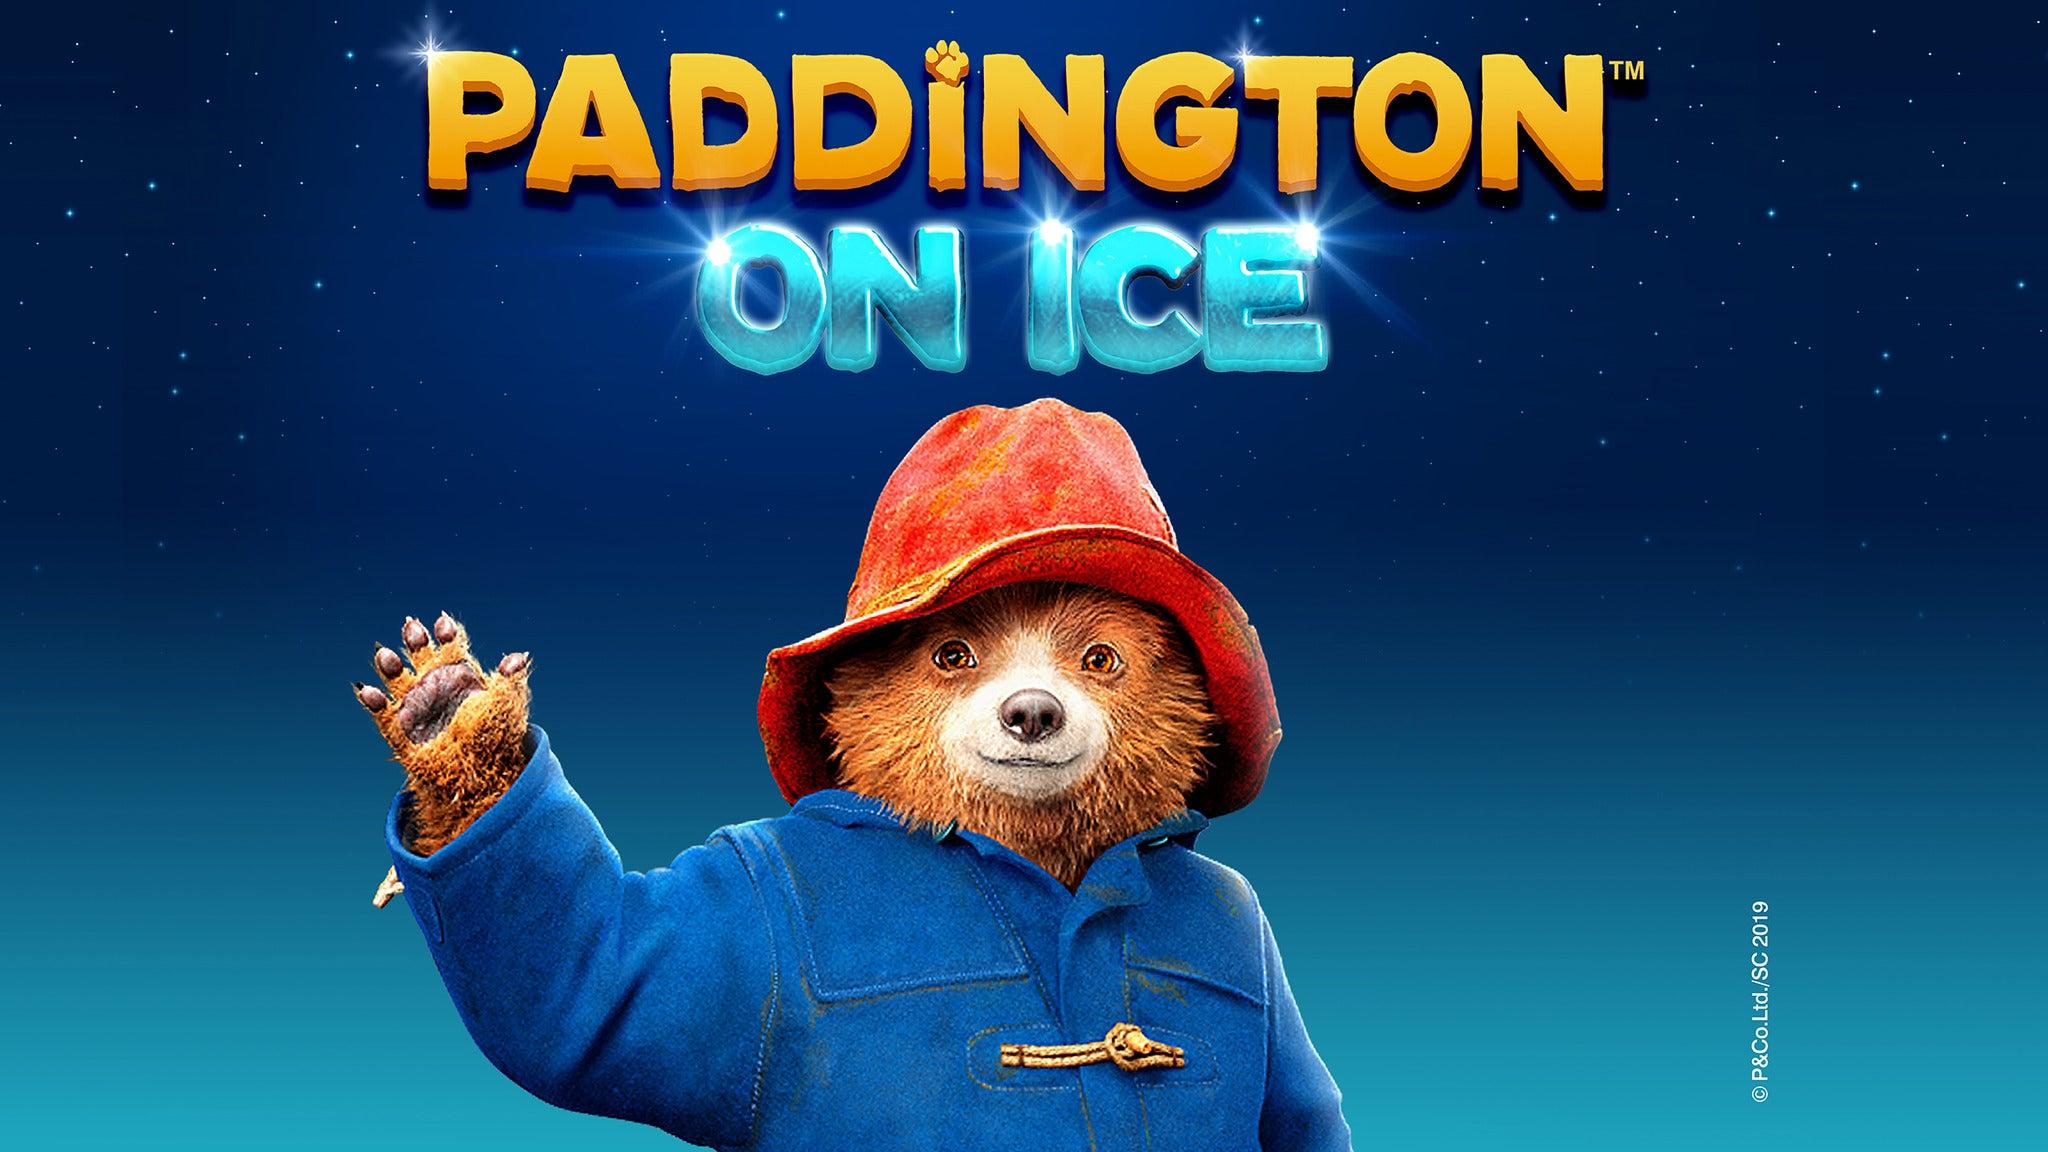 Paddington On Ice